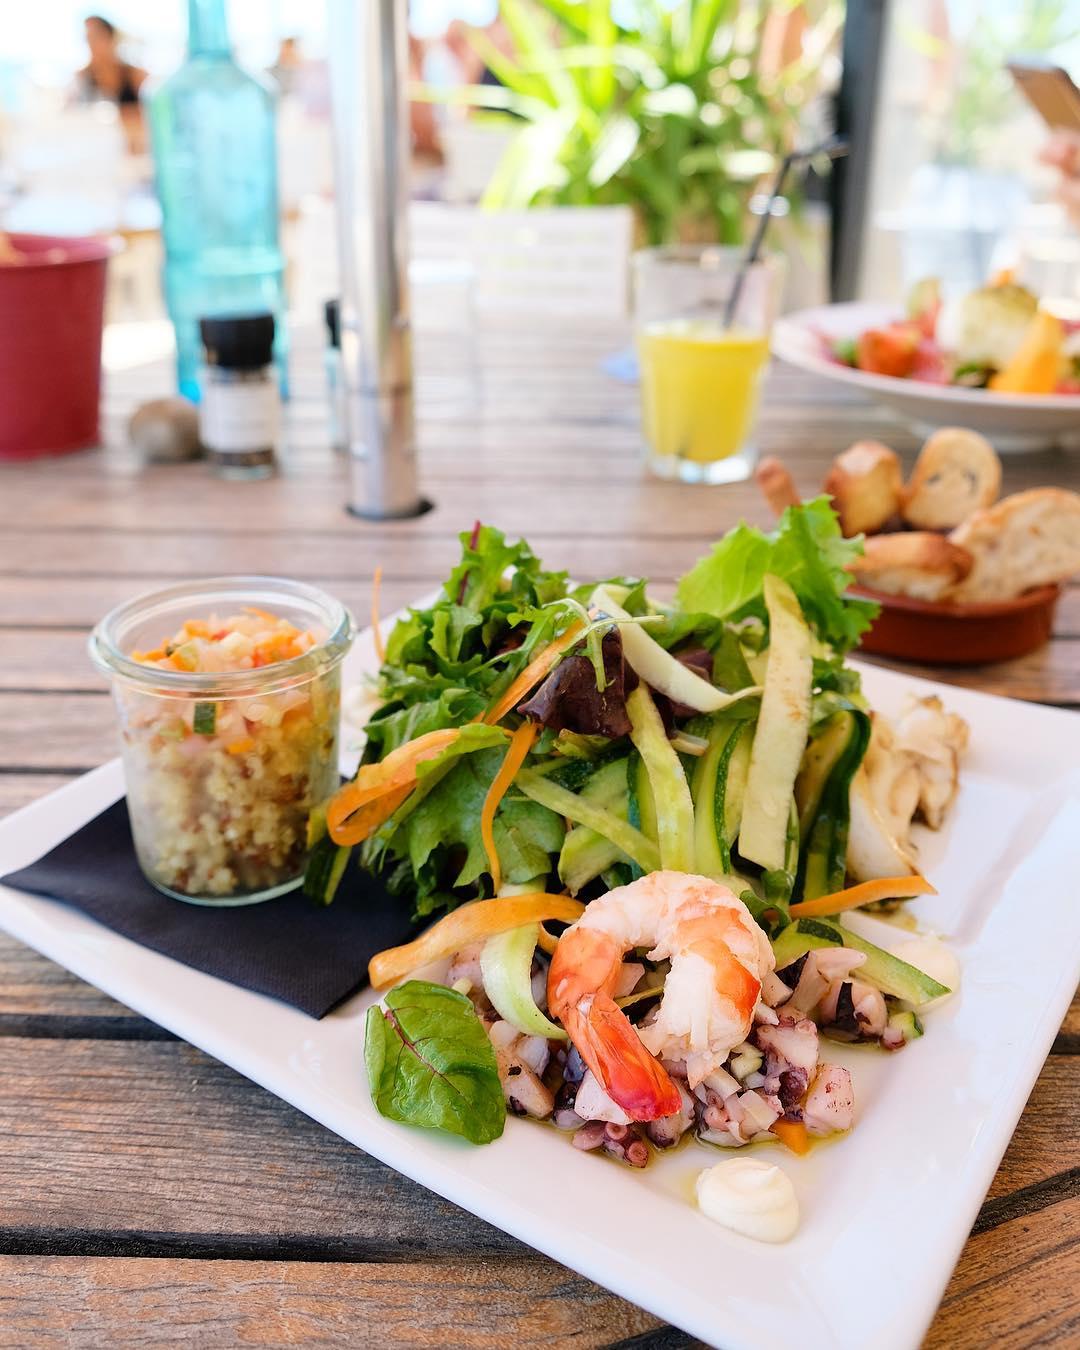 〰 L U N C H 〰  Salade Oceane ? ?? Petite reprise sans perdre les bonnes habitudes en n'oubliant pas le chemin de la plage pour le déjeuner... bin oui faut pas pousser... T R A N Q U I L L E ! . . ➕ LE J • restaurant de Plage à l'année . ? Carnon (34)?? ??? Bientôt Article sur le blog  _______________  #lejcarnon #restaurant #food #foodlover #blogfood #foodporn #foodstagram #gastronomy #cooking #foodphotography #montpellier #carnon #pintademontpellier #seiche #beachlife